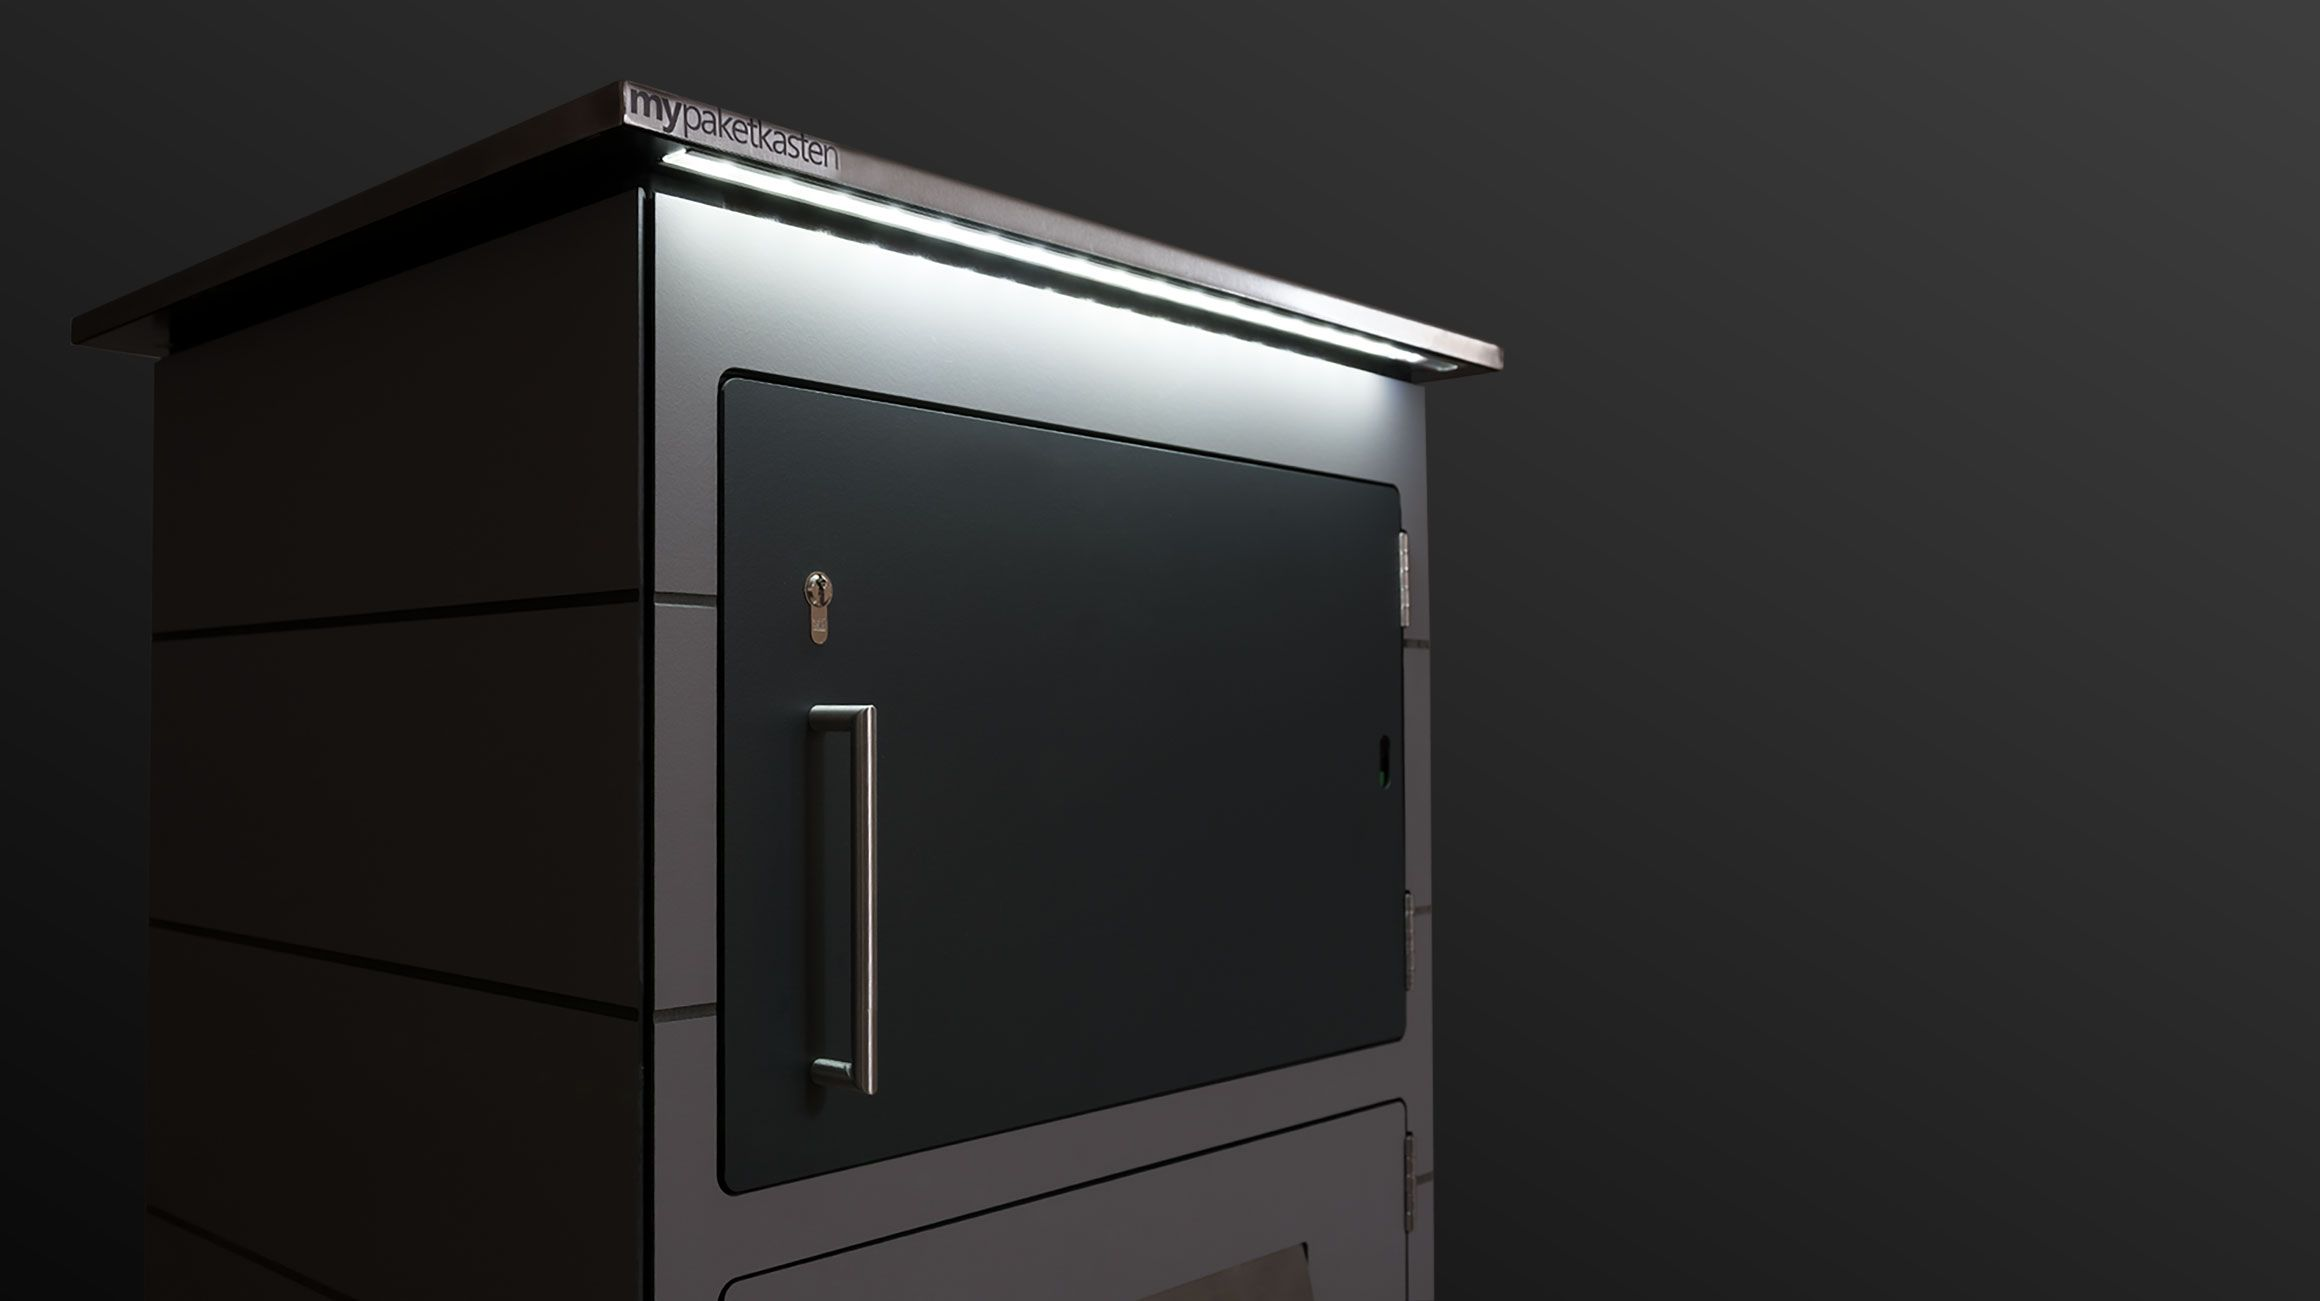 beleuchteter briefkasten f r pakete designideen mit hpl. Black Bedroom Furniture Sets. Home Design Ideas